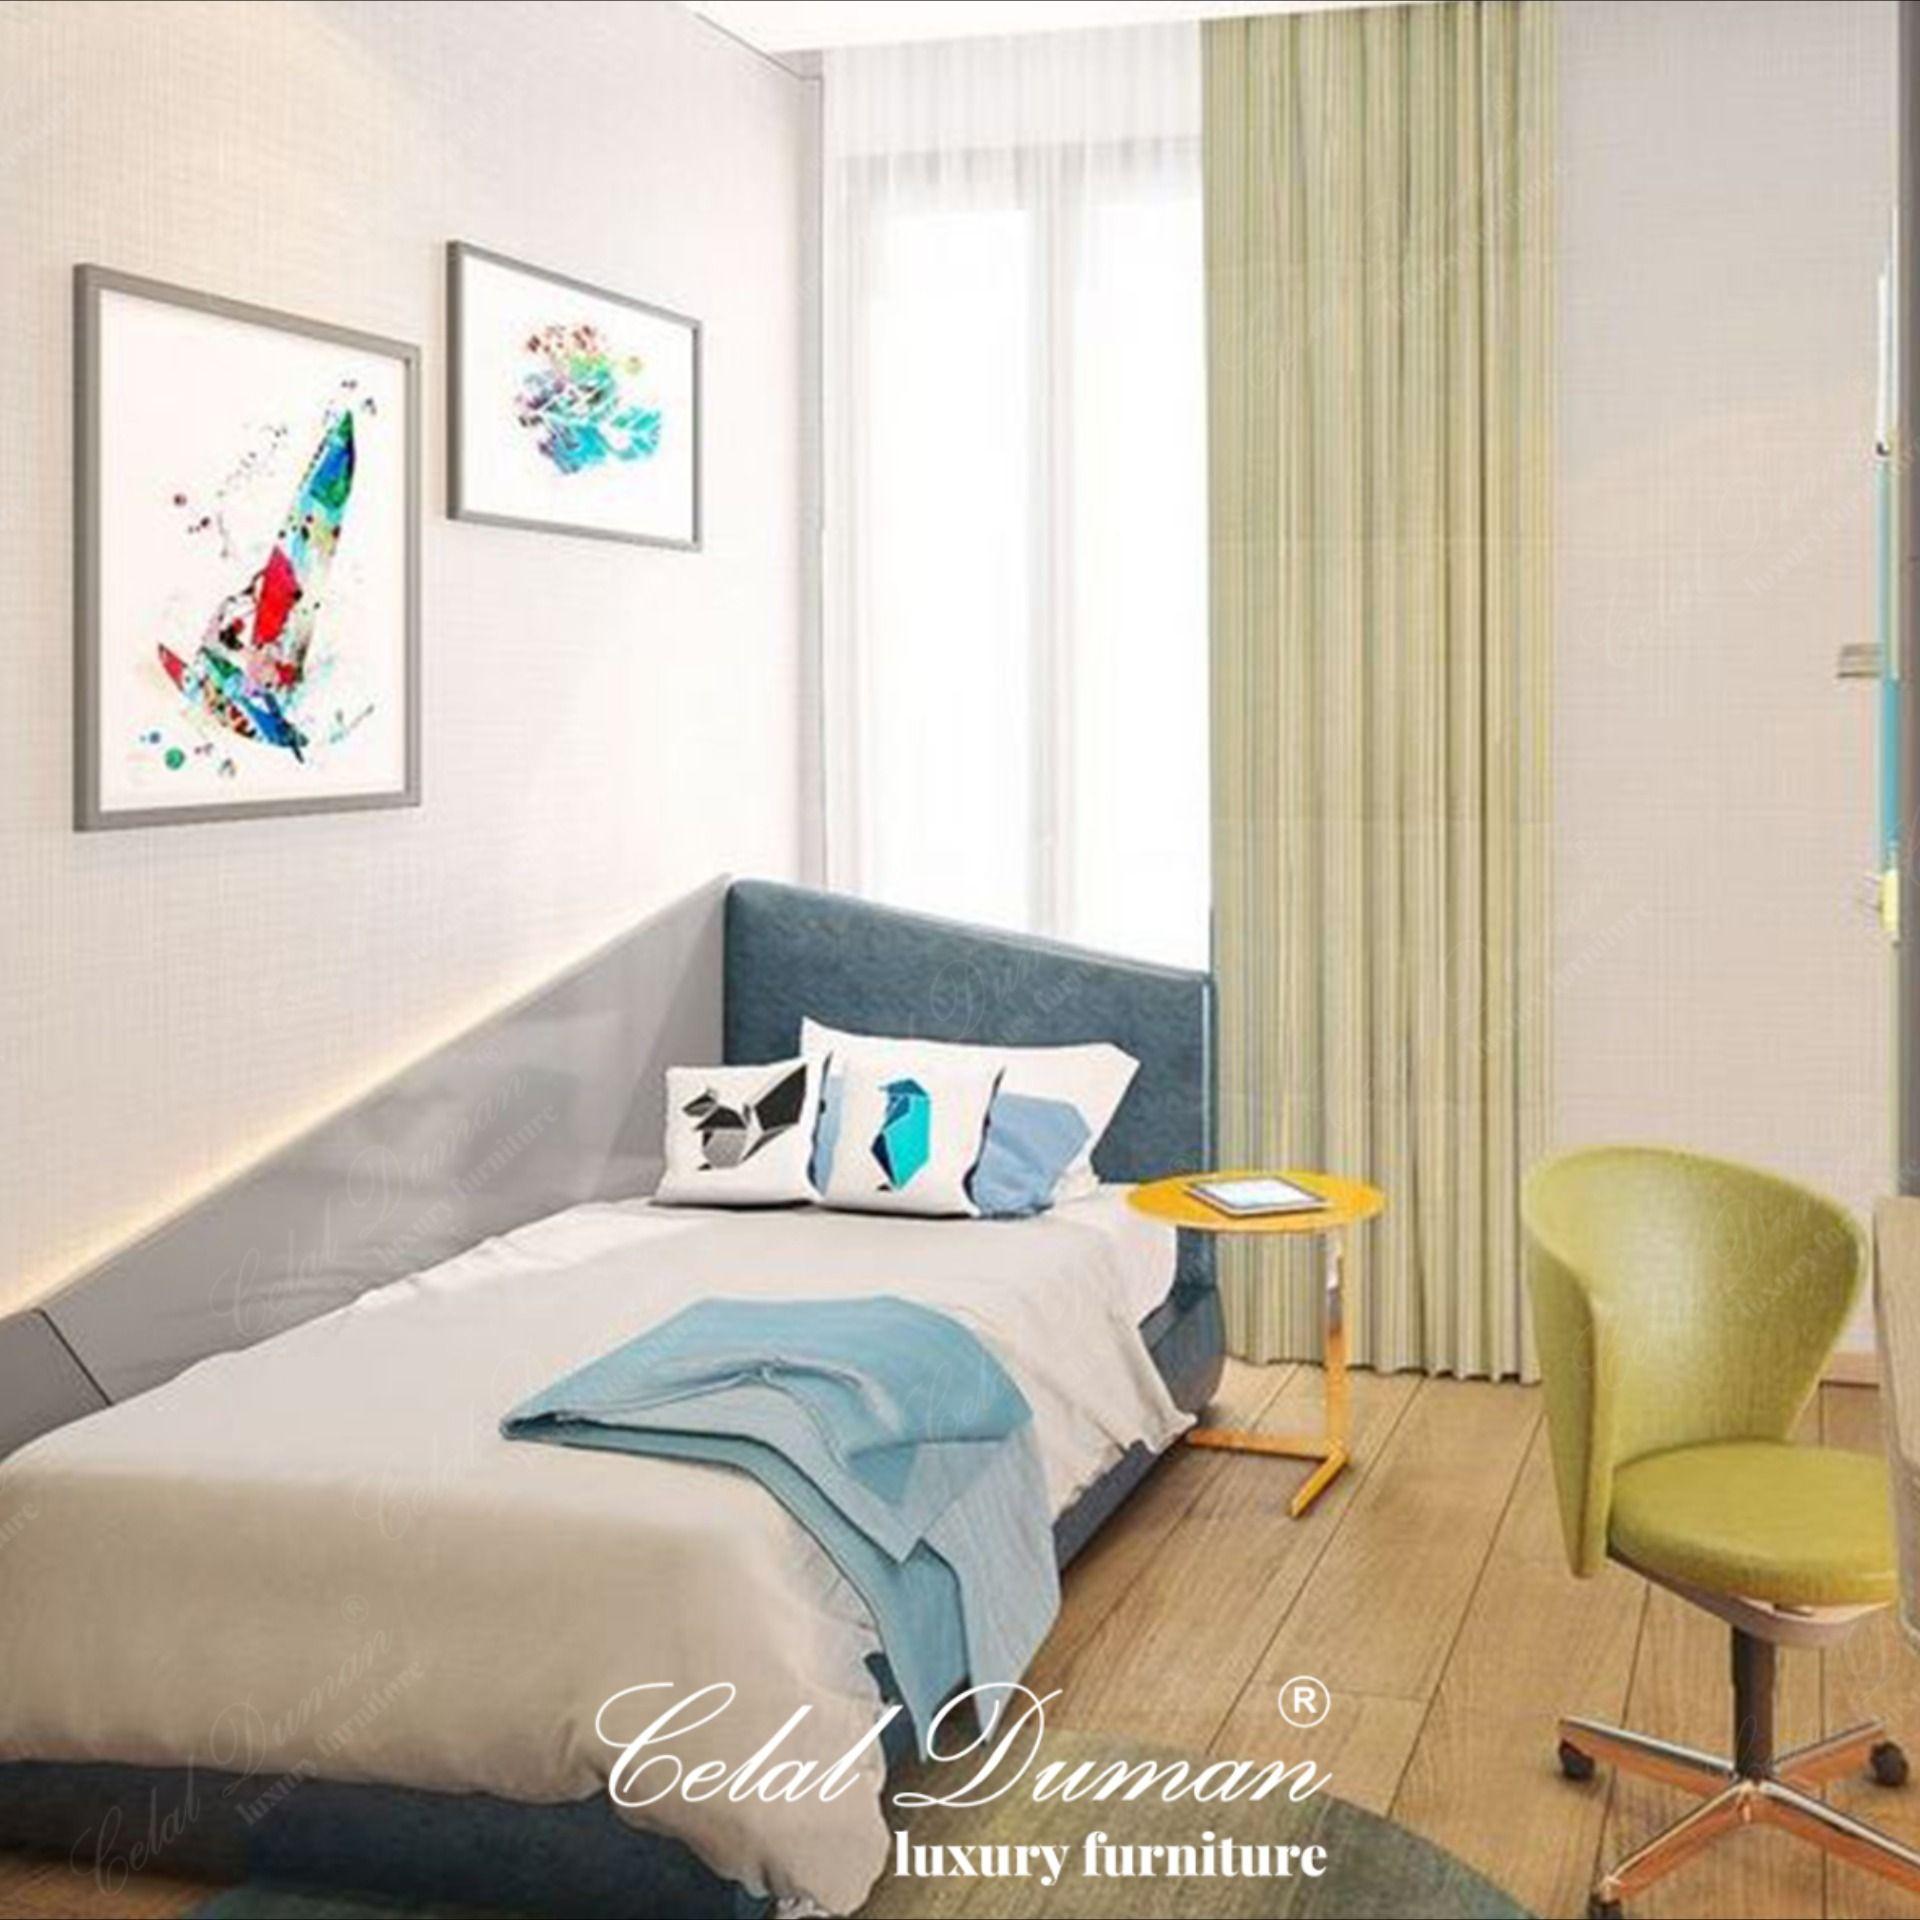 Titizlikle tasarlanan size özel odalar. #celalduman #celaldumanmobilya #mobilya #masko #koltuktakımı #yemekodası #maskomobilyakenti #evdekorasyon #dekorasyonfikirleri #mobilyadekorasyon #luxuryfurniture #modernfurniture #furniture #decor #ofisdekorasyon #evdekor #projects #köşekoltuk #tvunited #design #yemekodası #yatakodası #interiordesign